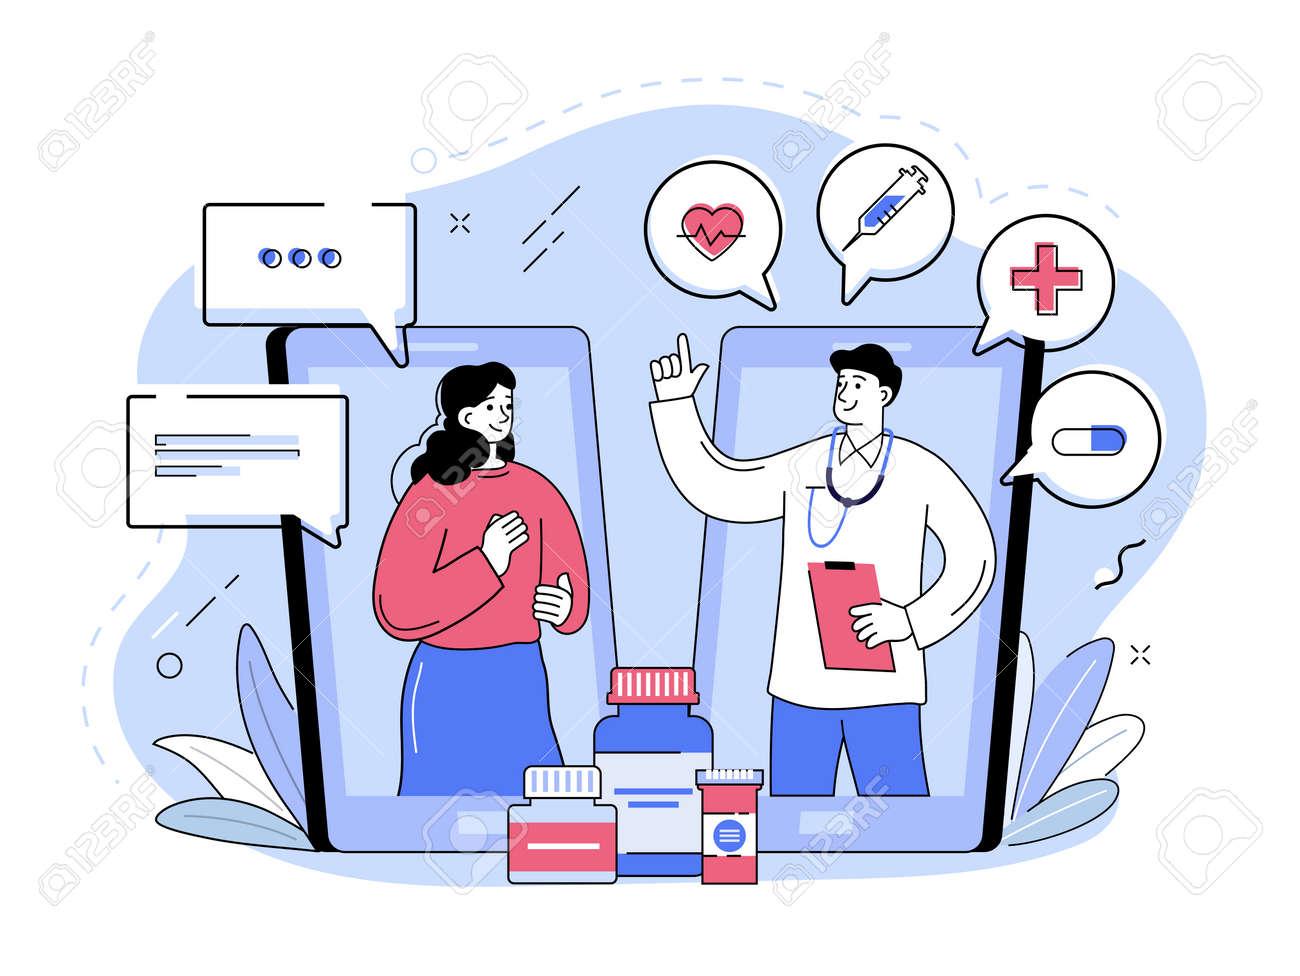 Online medical assistance, doctor consultation via smartphone. Outline vector illustration - 169786471